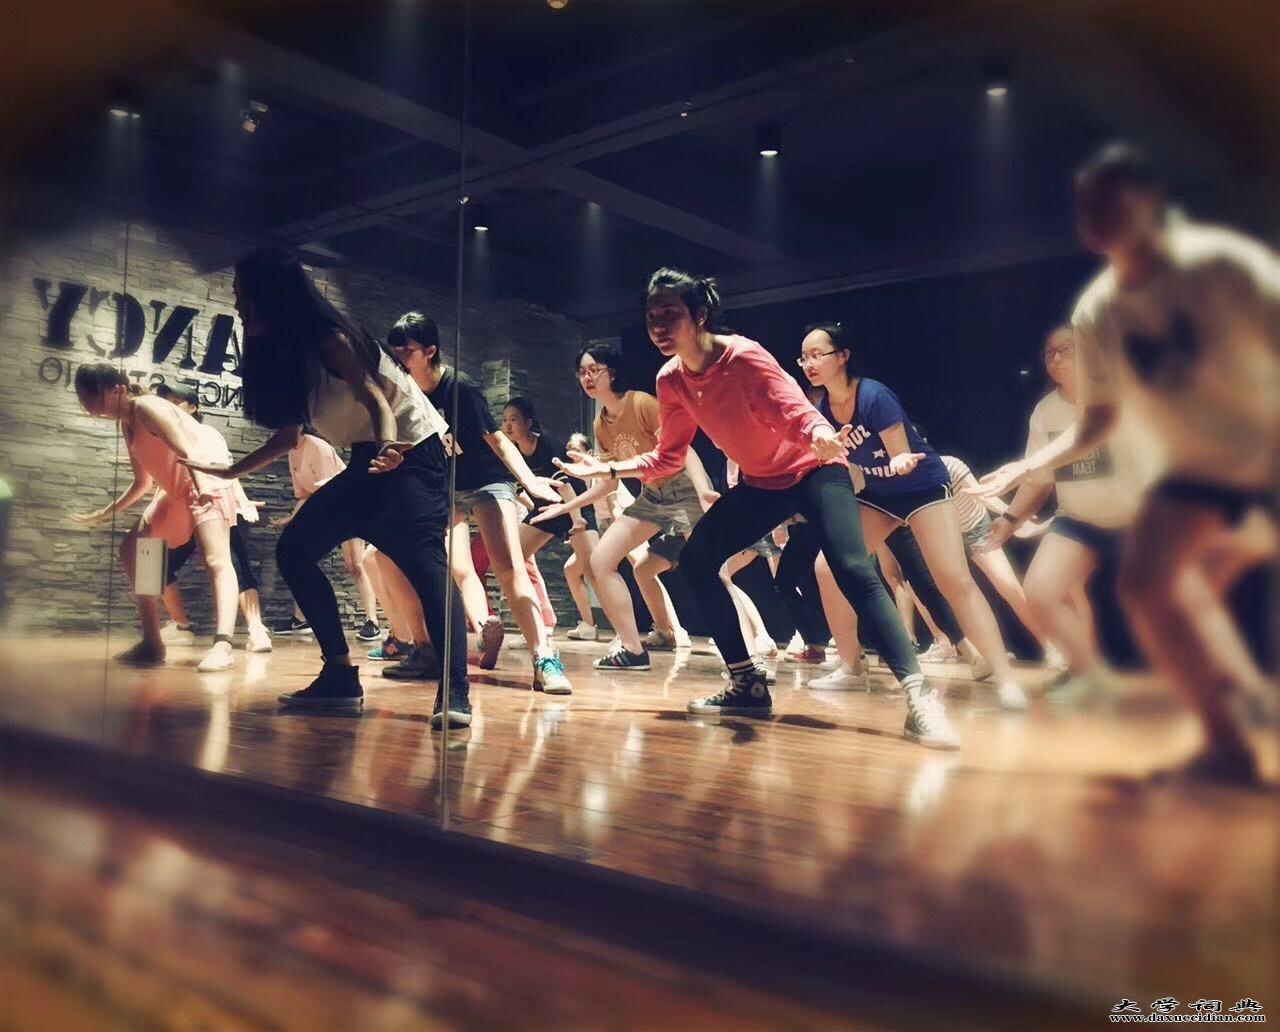 烟台舞蹈培训_烟台舞蹈培训学校_品质教学【卓越舞蹈】